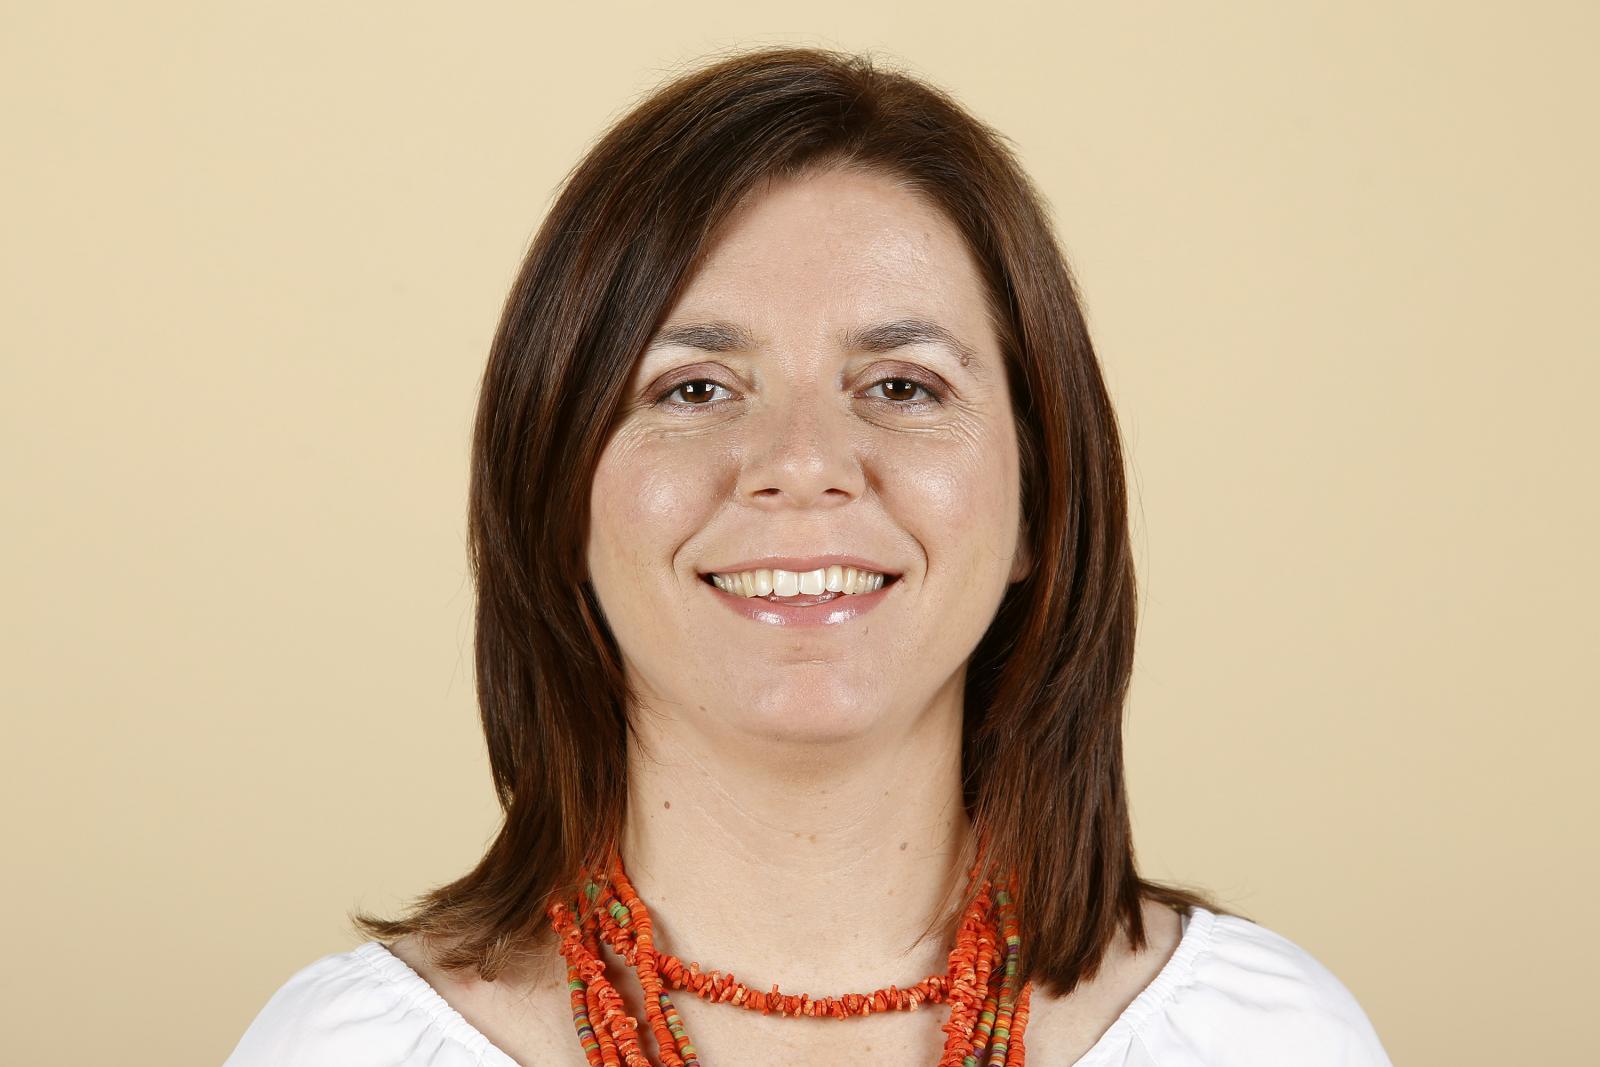 Nutricionistica Vesna Bosanac prva je nutricionistica u Hrvatskoj  s diplomom Prehrane u sportu pri Međunarodnom olimpijskom odboru.